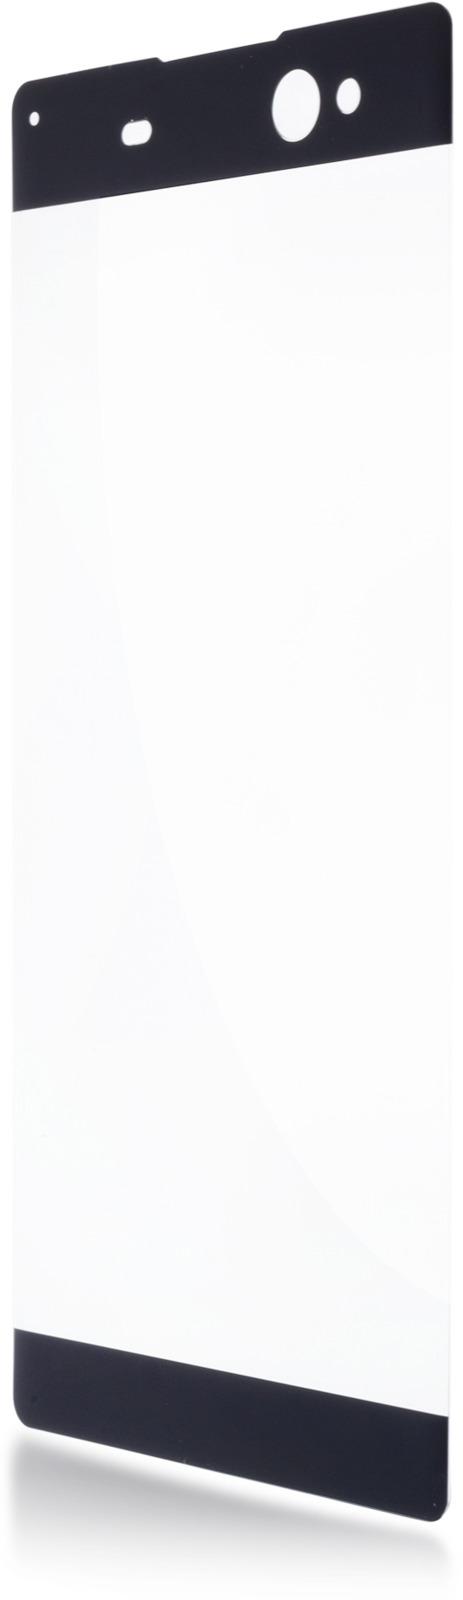 Защитное стекло Brosco 3D для Sony Xperia XA Ultra, черный